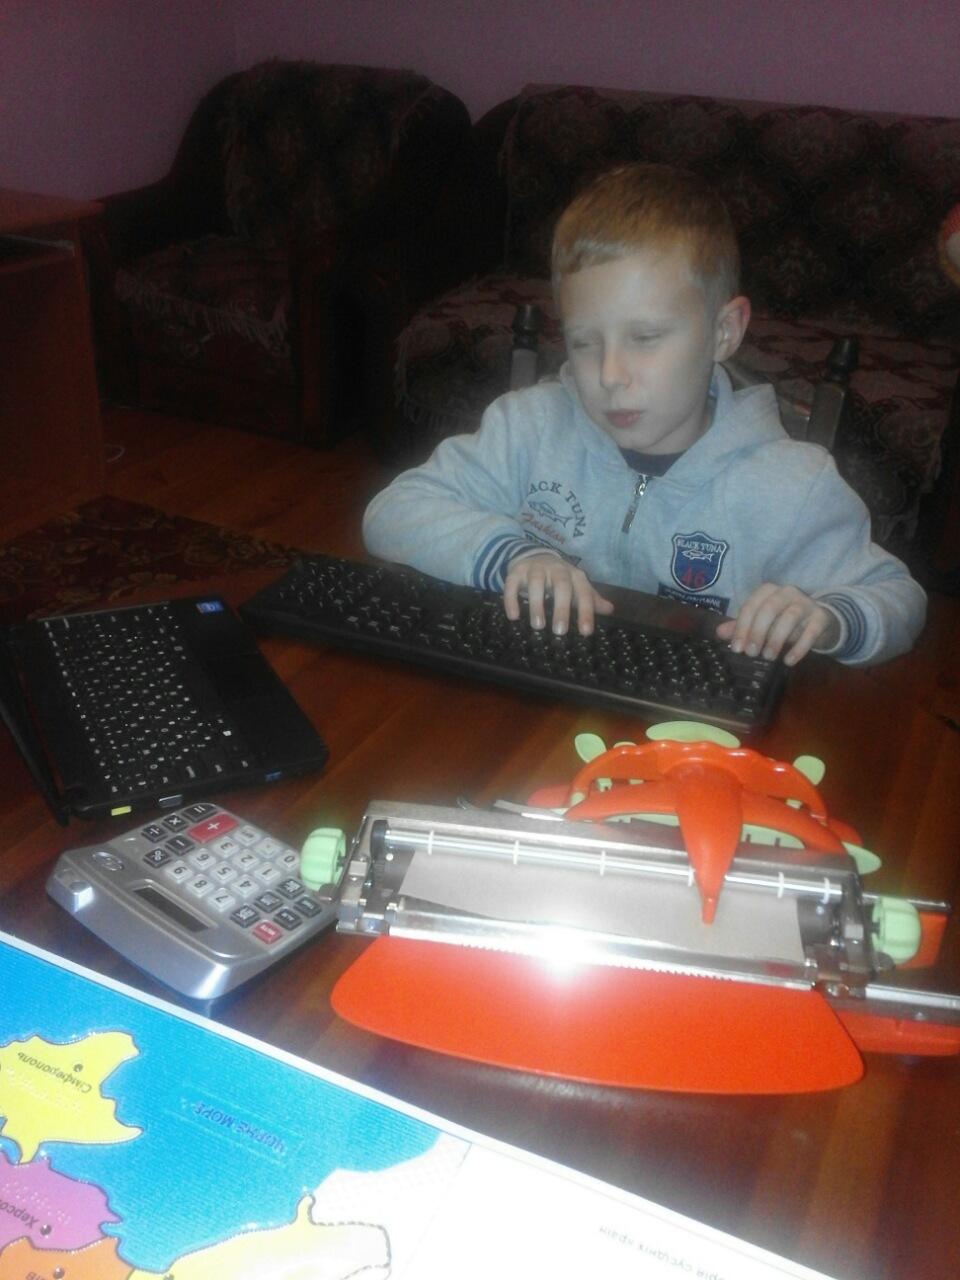 Кучеркевич Іванко, 5 клас (з машинкою, комп'ютером, клавіатурою, картою і т.д.)